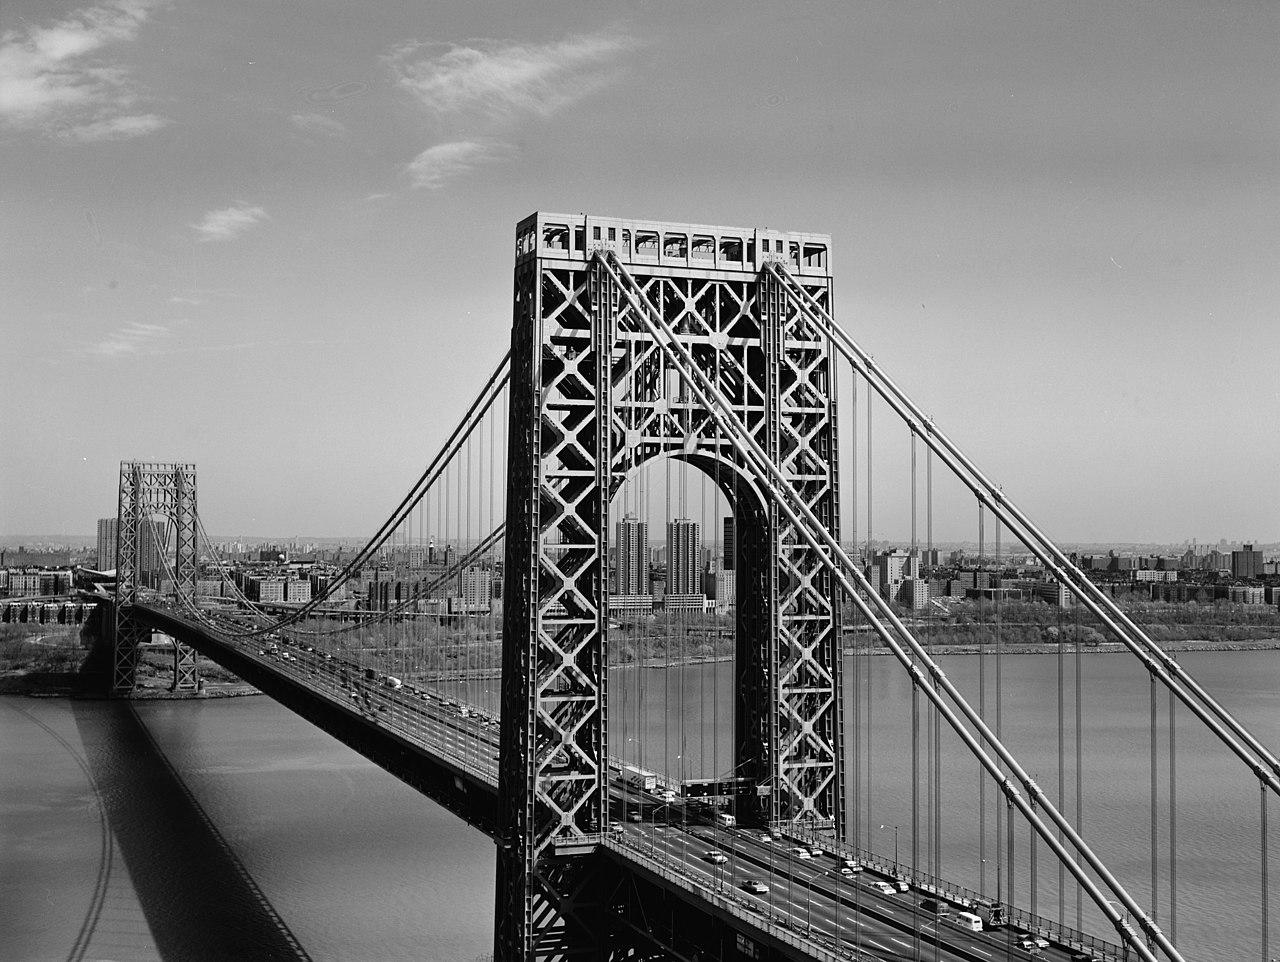 File:George Washington Bridge, HAER NY-129-8.jpg